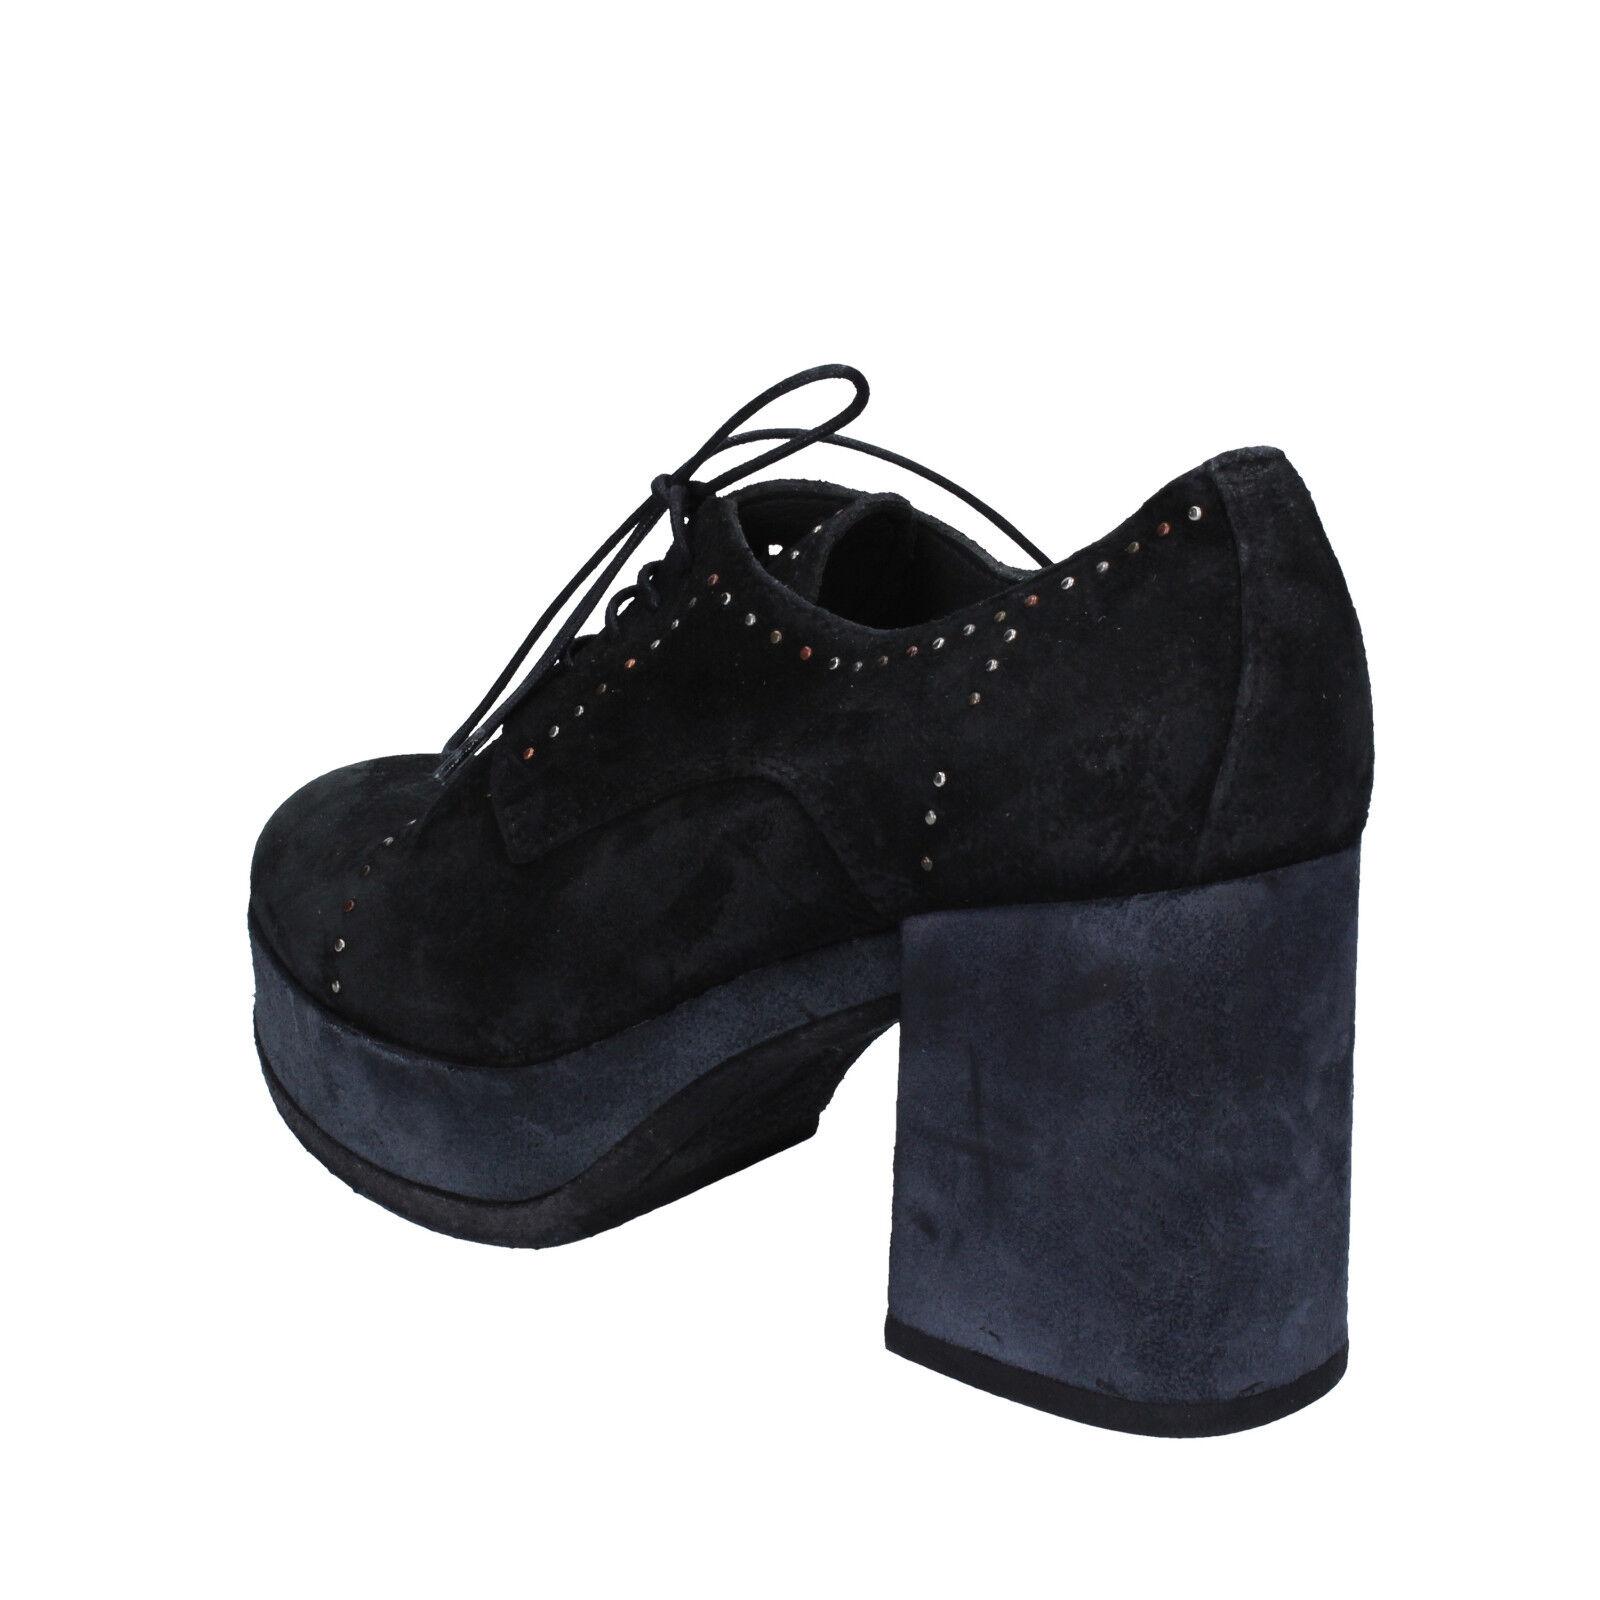 Scarpe donna donna donna MOMA 37 EU tronchetti nero camoscio BX08-37 | Adatto per il colore  | Uomini/Donna Scarpa  33e5c7